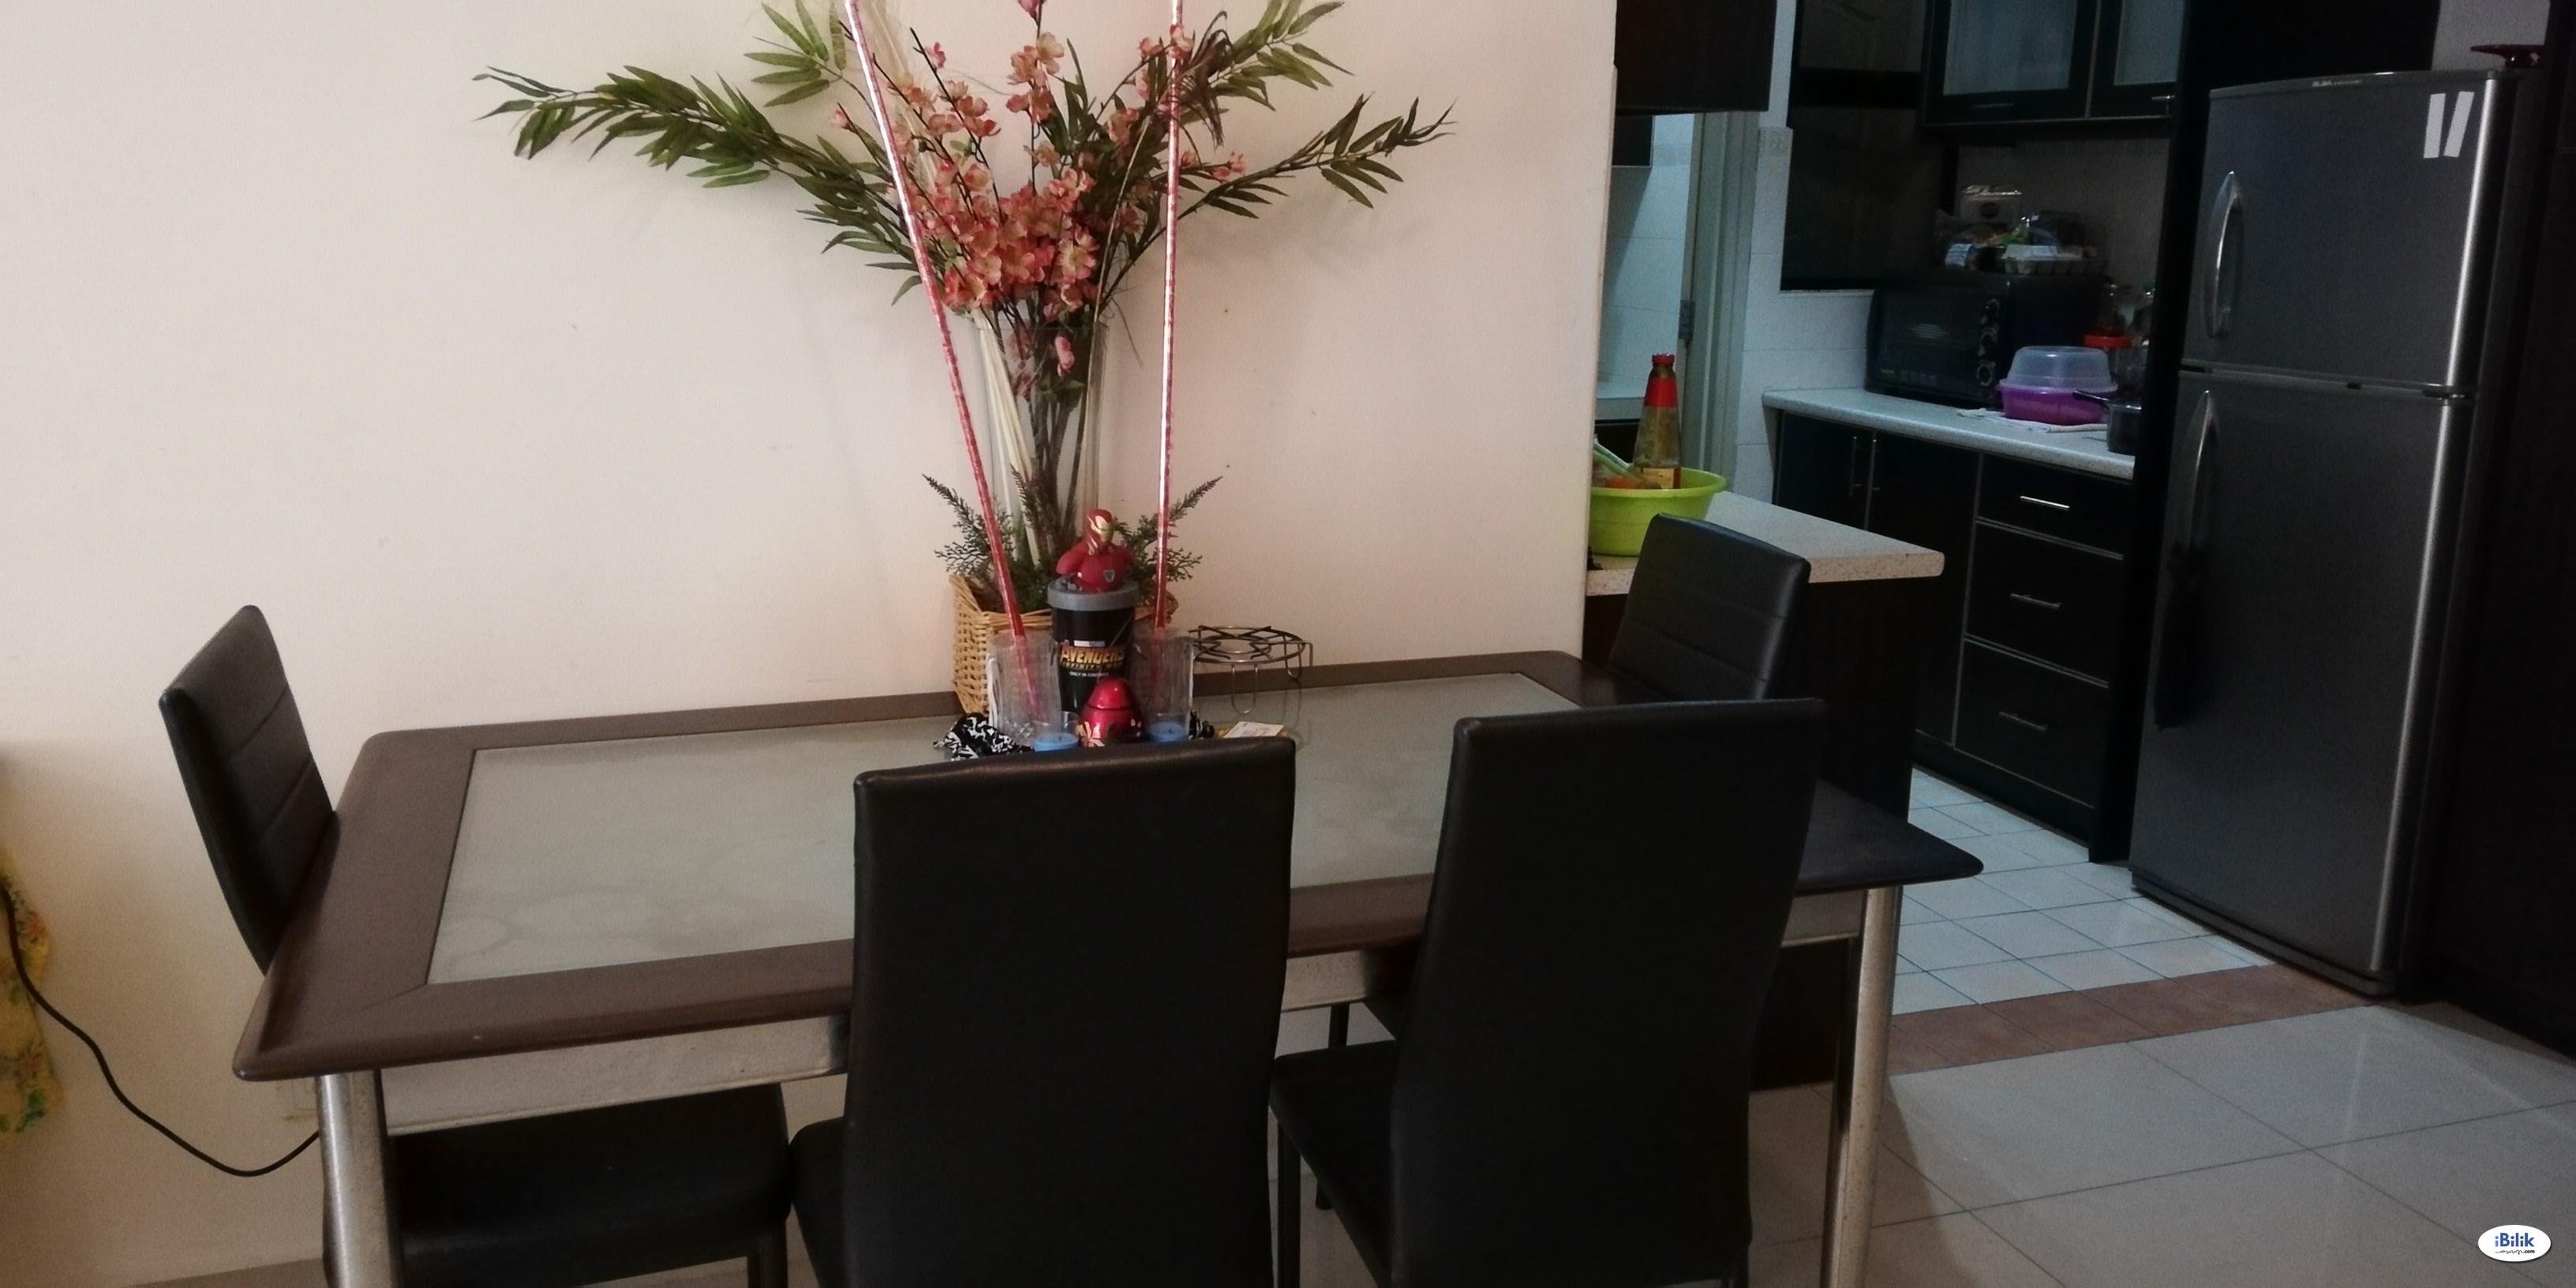 Single Room in a condominium unit